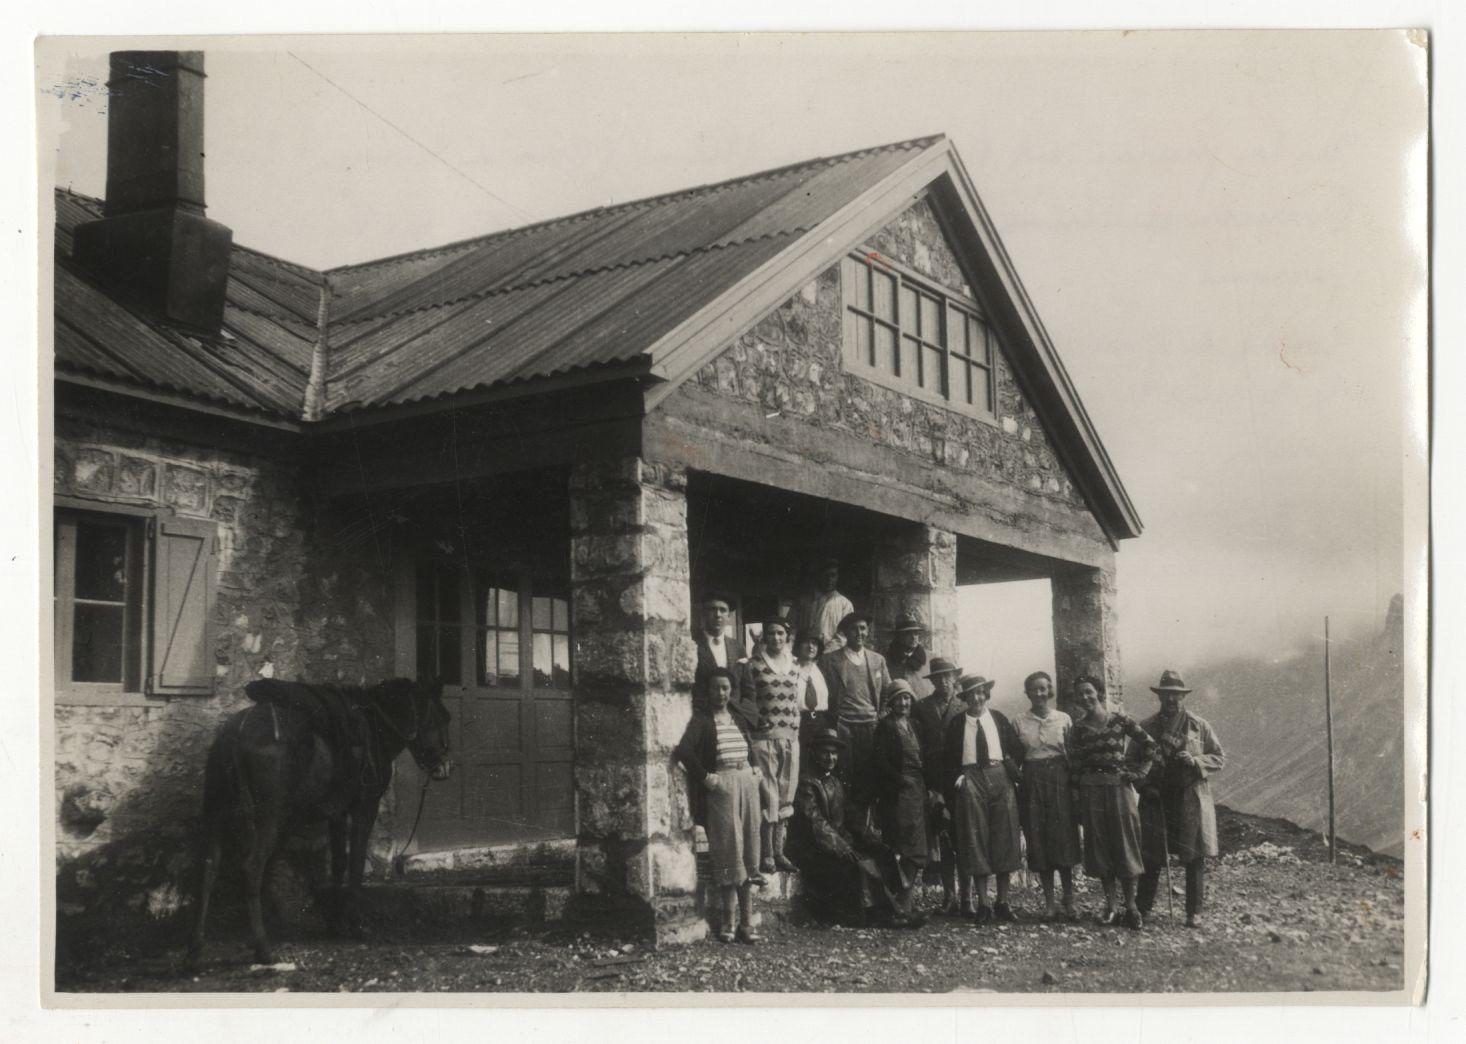 Foto publicada en internet como de la inauguración del Refugio. Pulse para verlo más grande